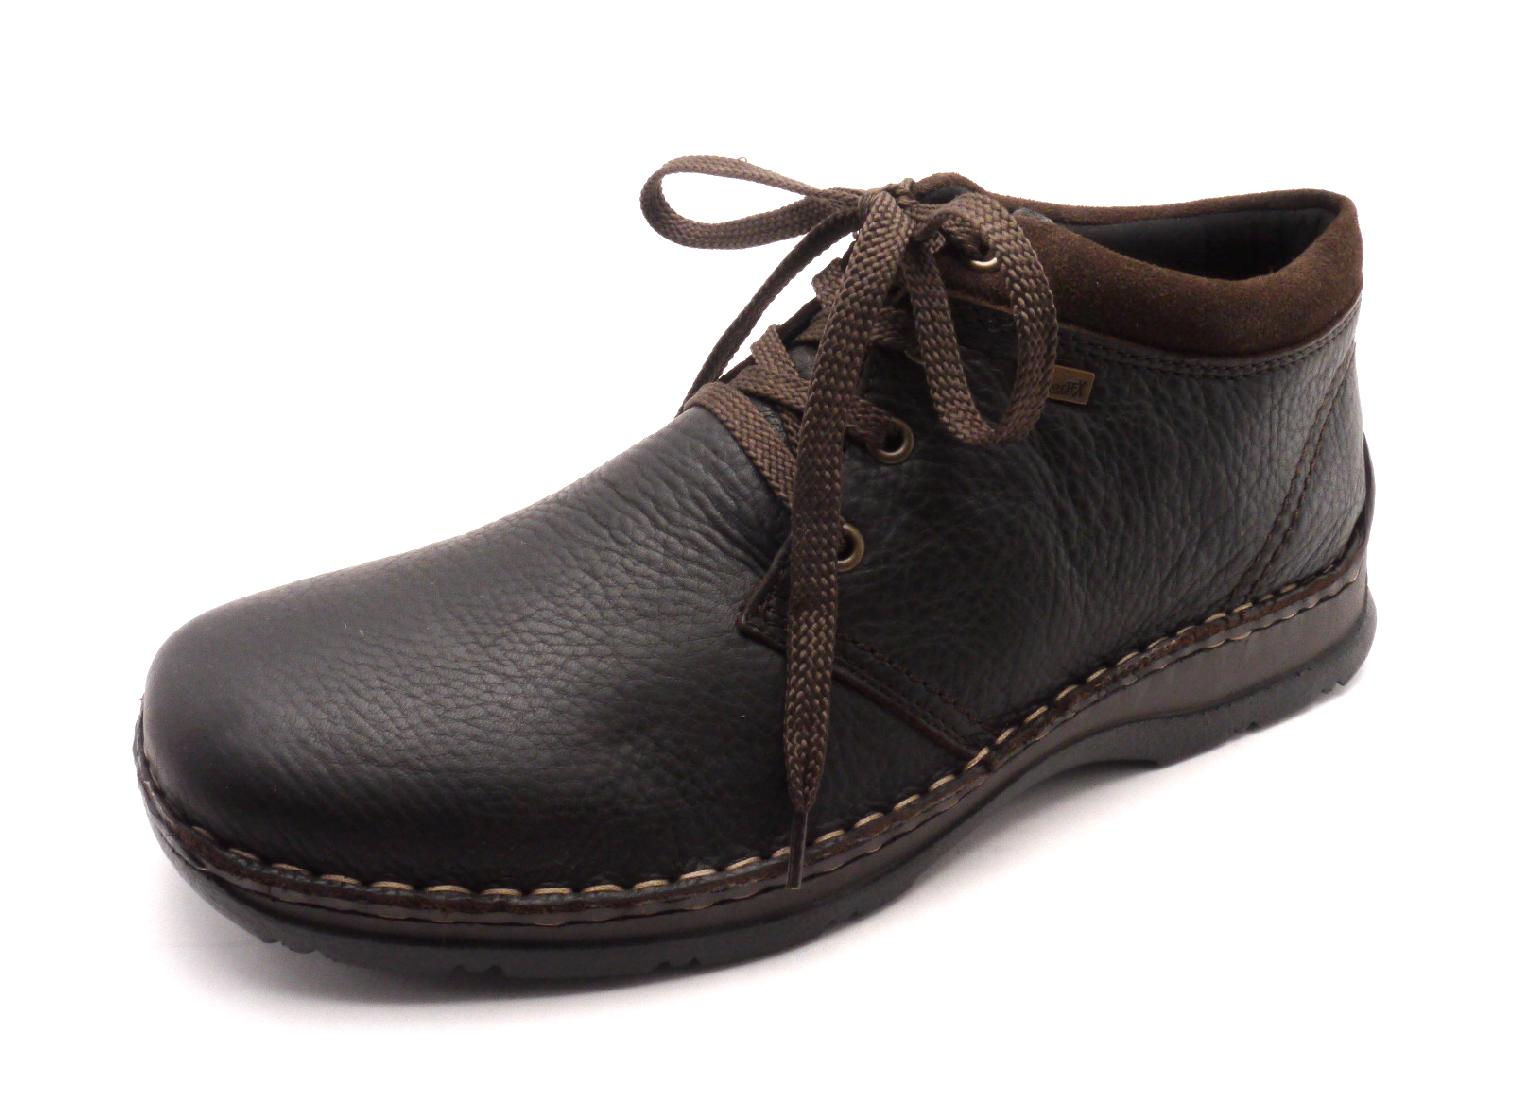 Rieker Pánská módní obuv s kožíškem 05346-25 Velikost: 41